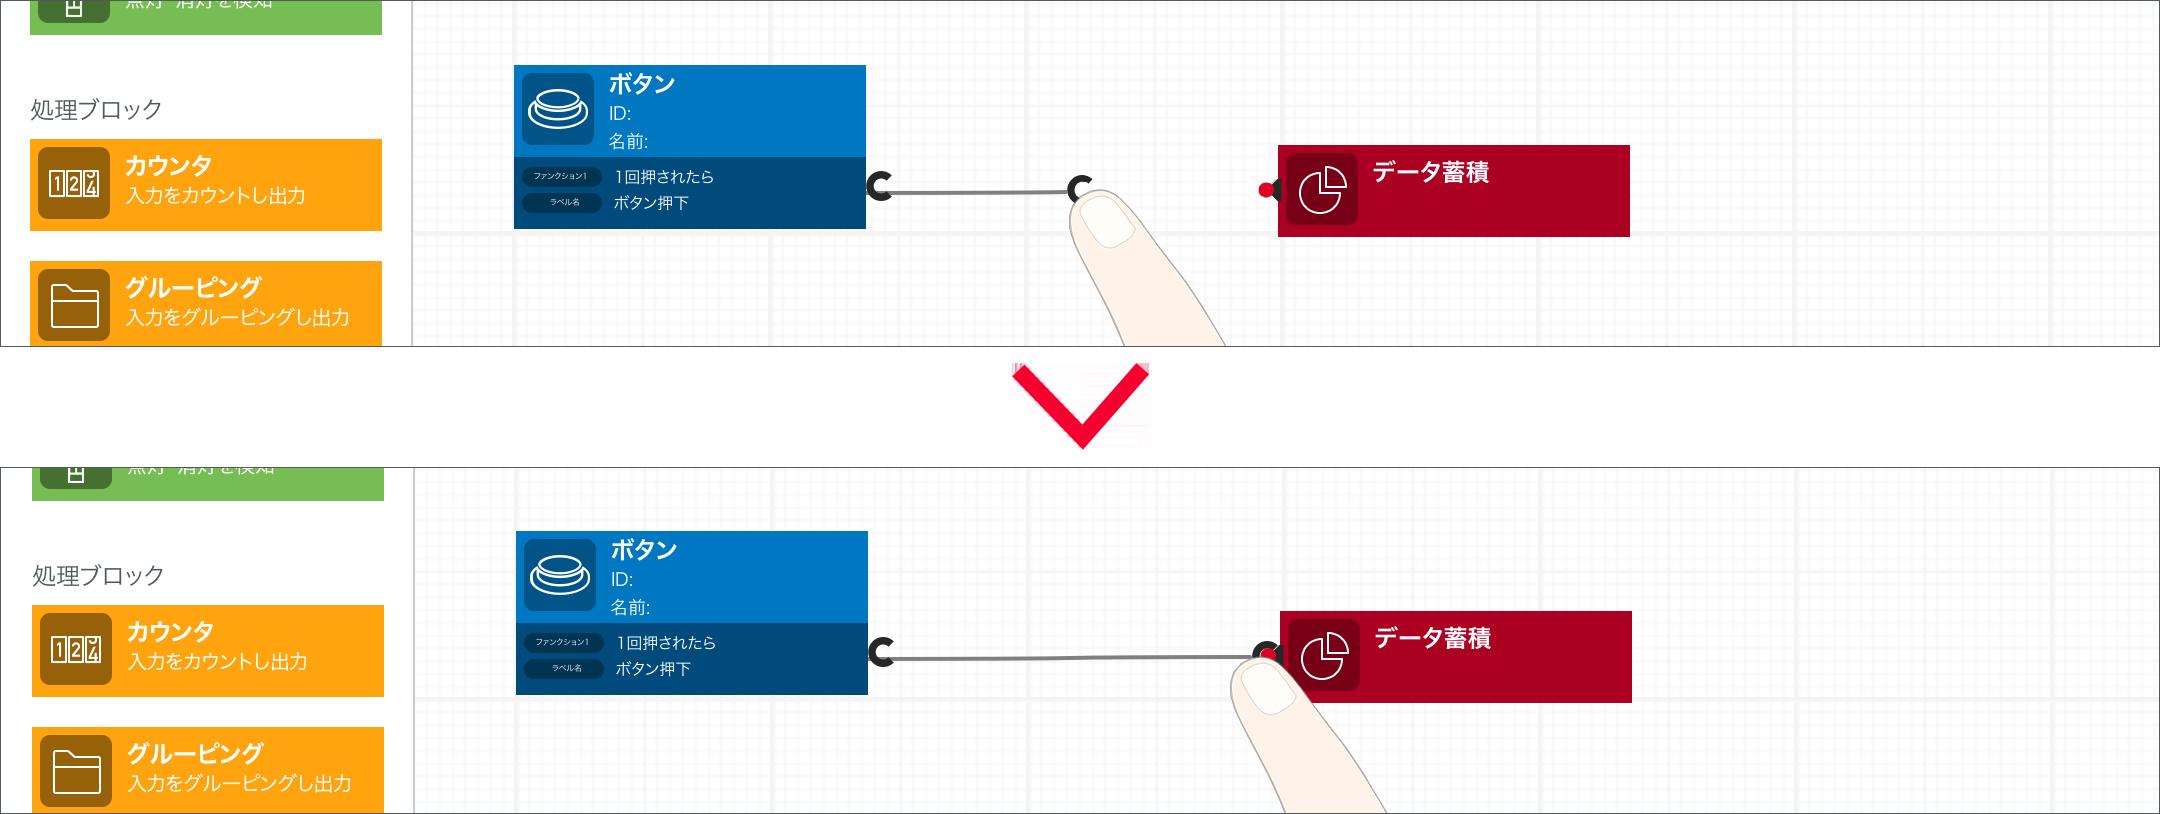 ブロック同士の接続方法